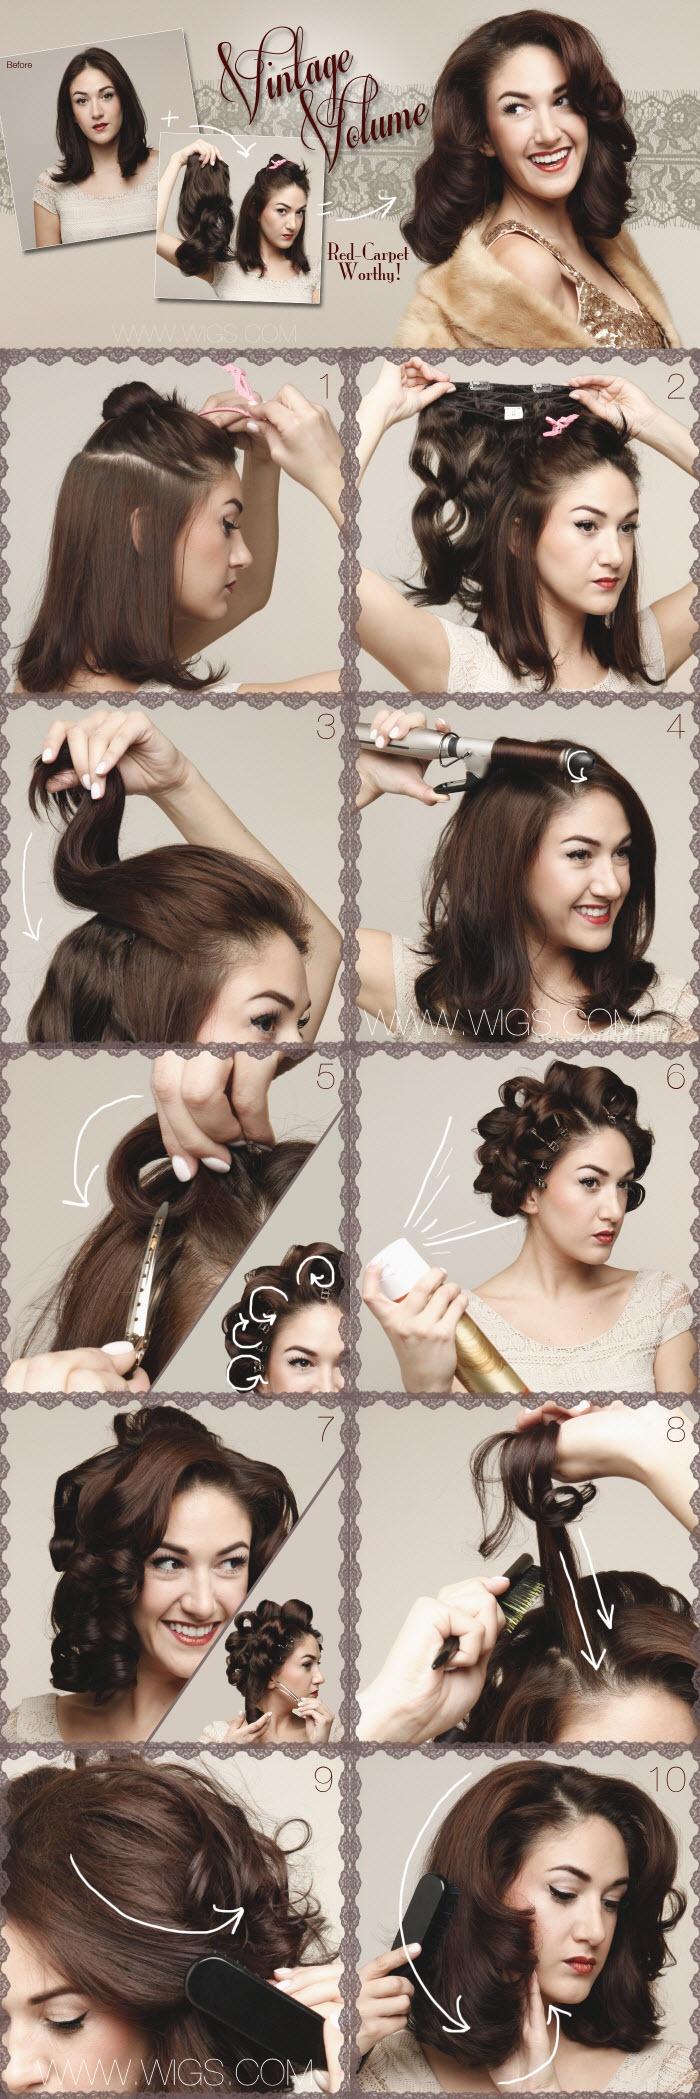 1940 s hair and makeup tutorial - mugeek vidalondon